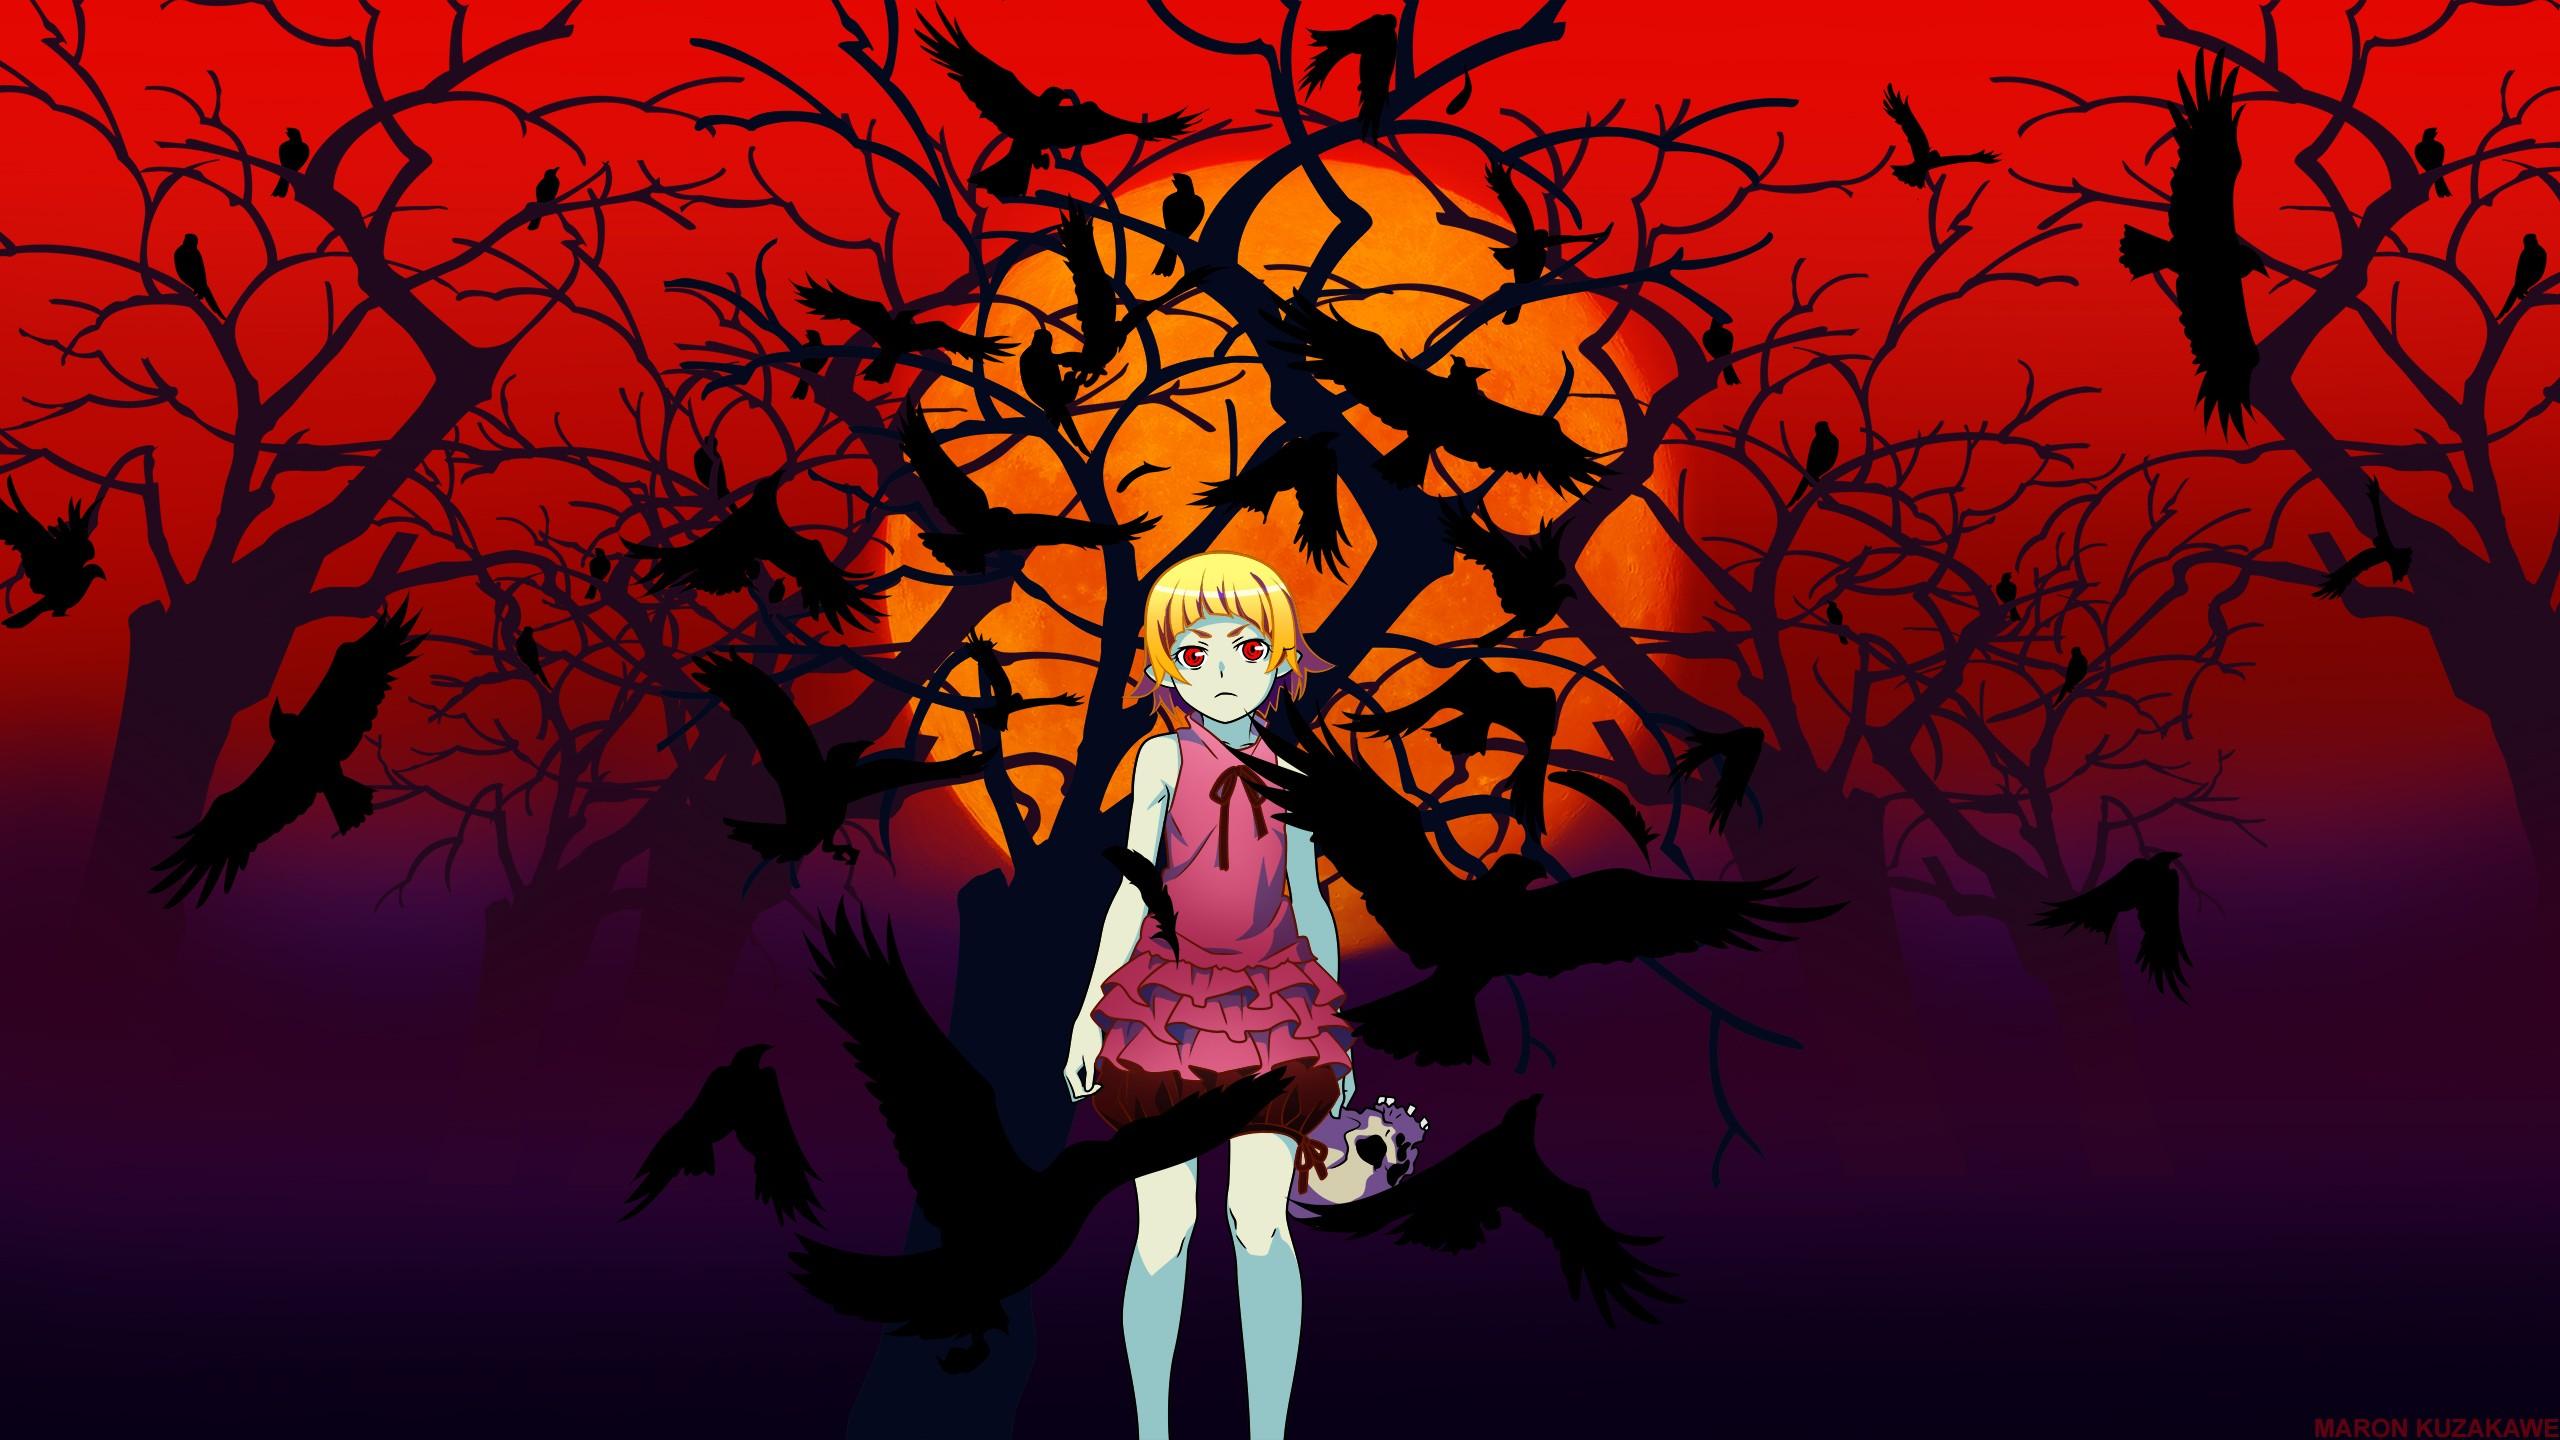 デスクトップ壁紙 図 ブロンド 物語シリーズ アニメの女の子